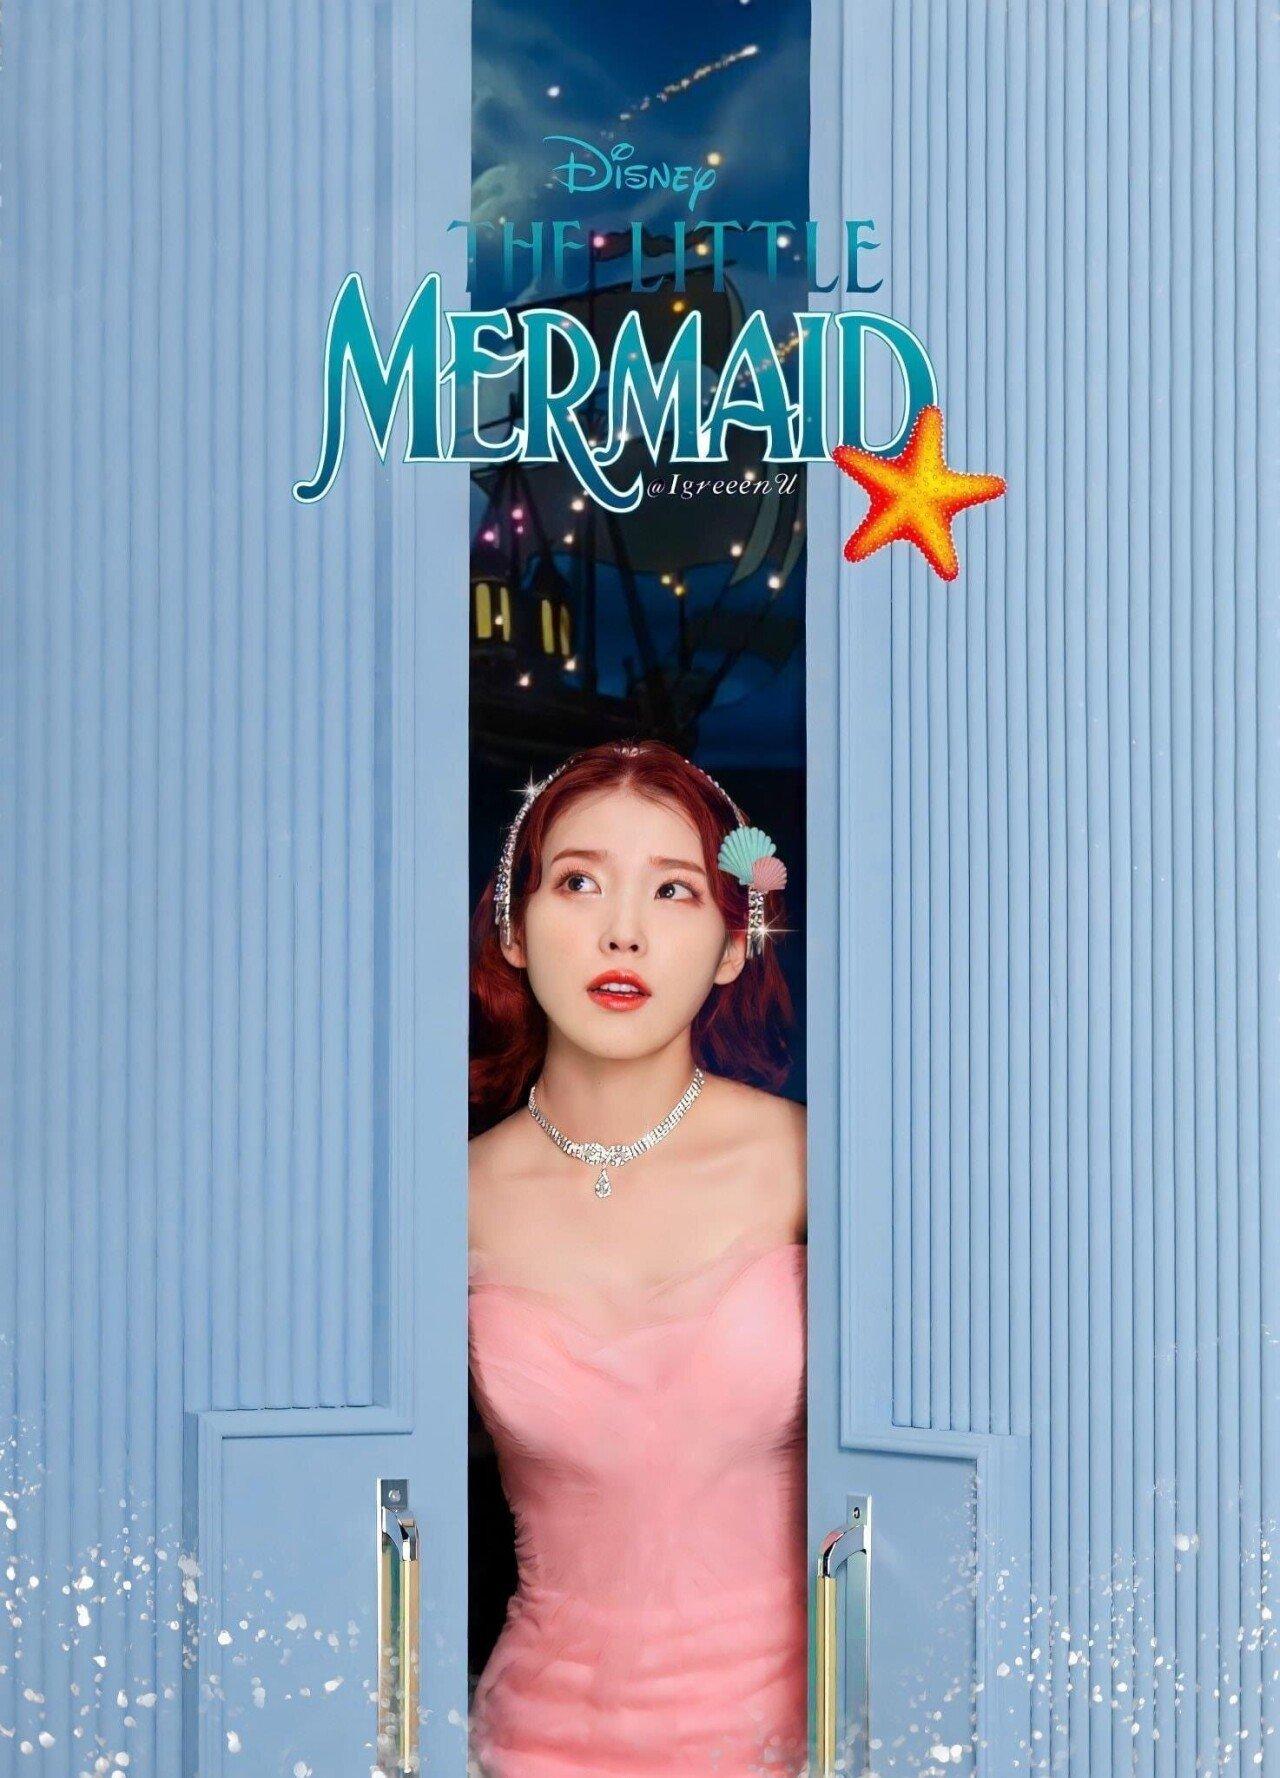 Internet_20210116_103006_1.jpeg 아이유 Celebrity 디즈니 포함 여러 버전.jpg